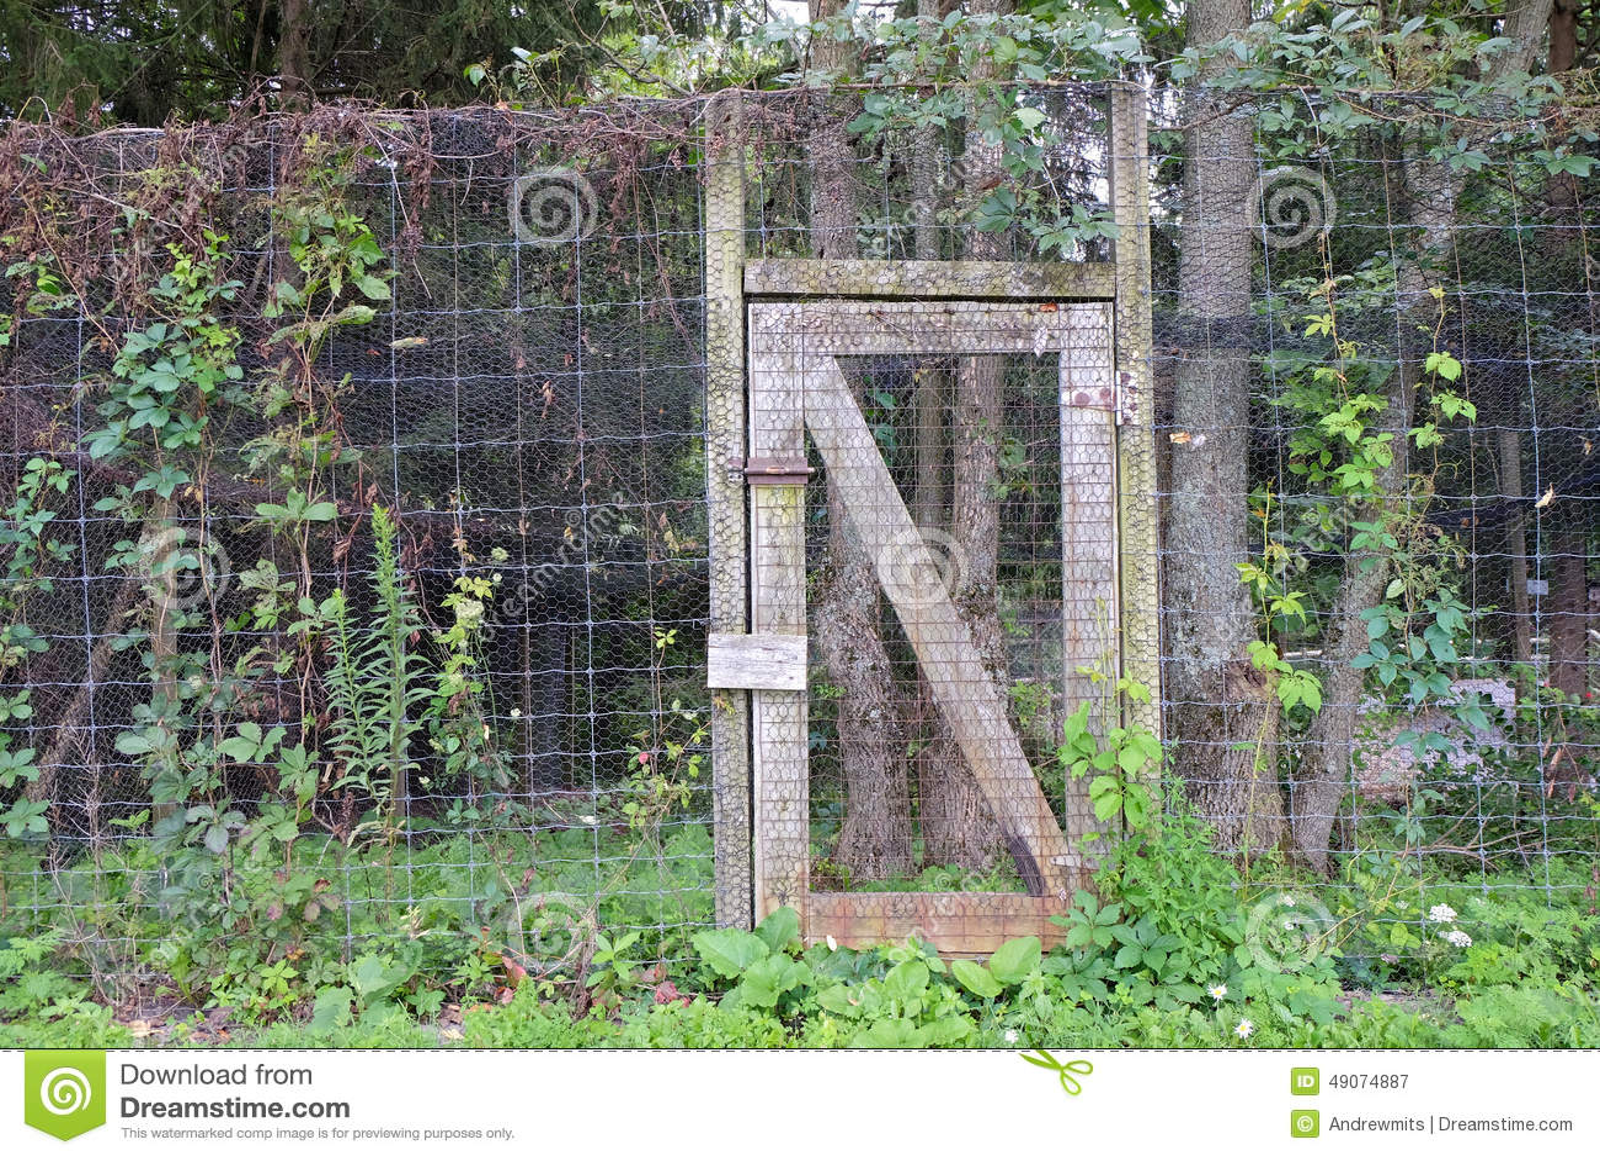 Garden Door stock image. Image of door, garden, chicken - 49074887